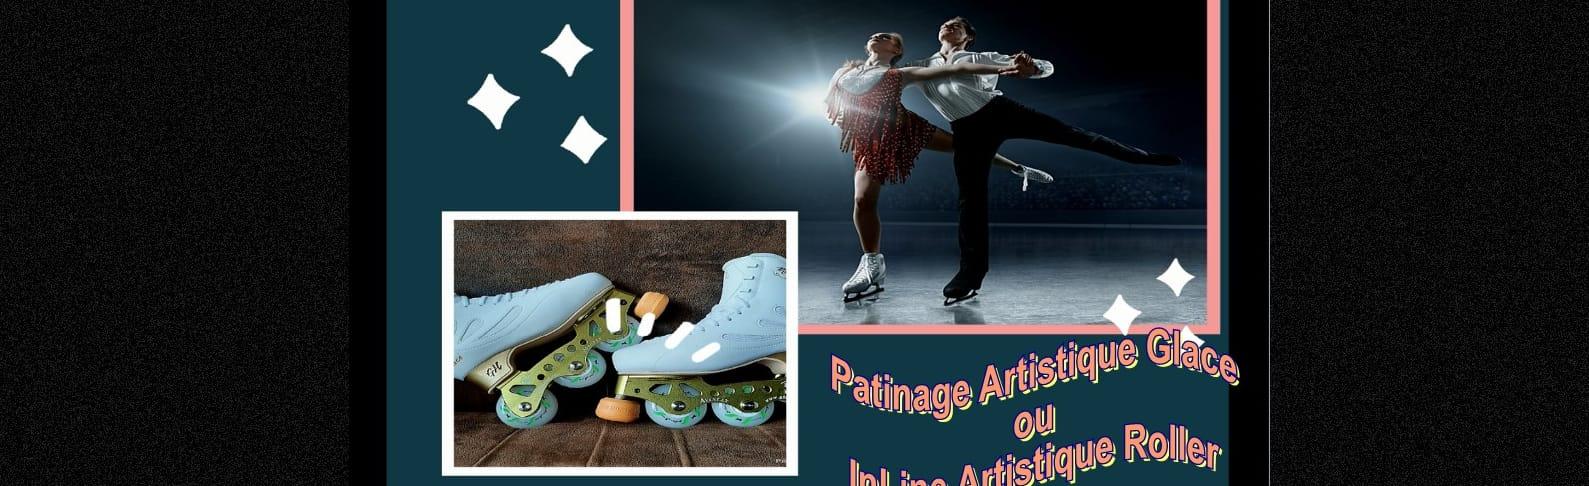 Patinage Artistique, Silver Skates, glace et InLine Roller